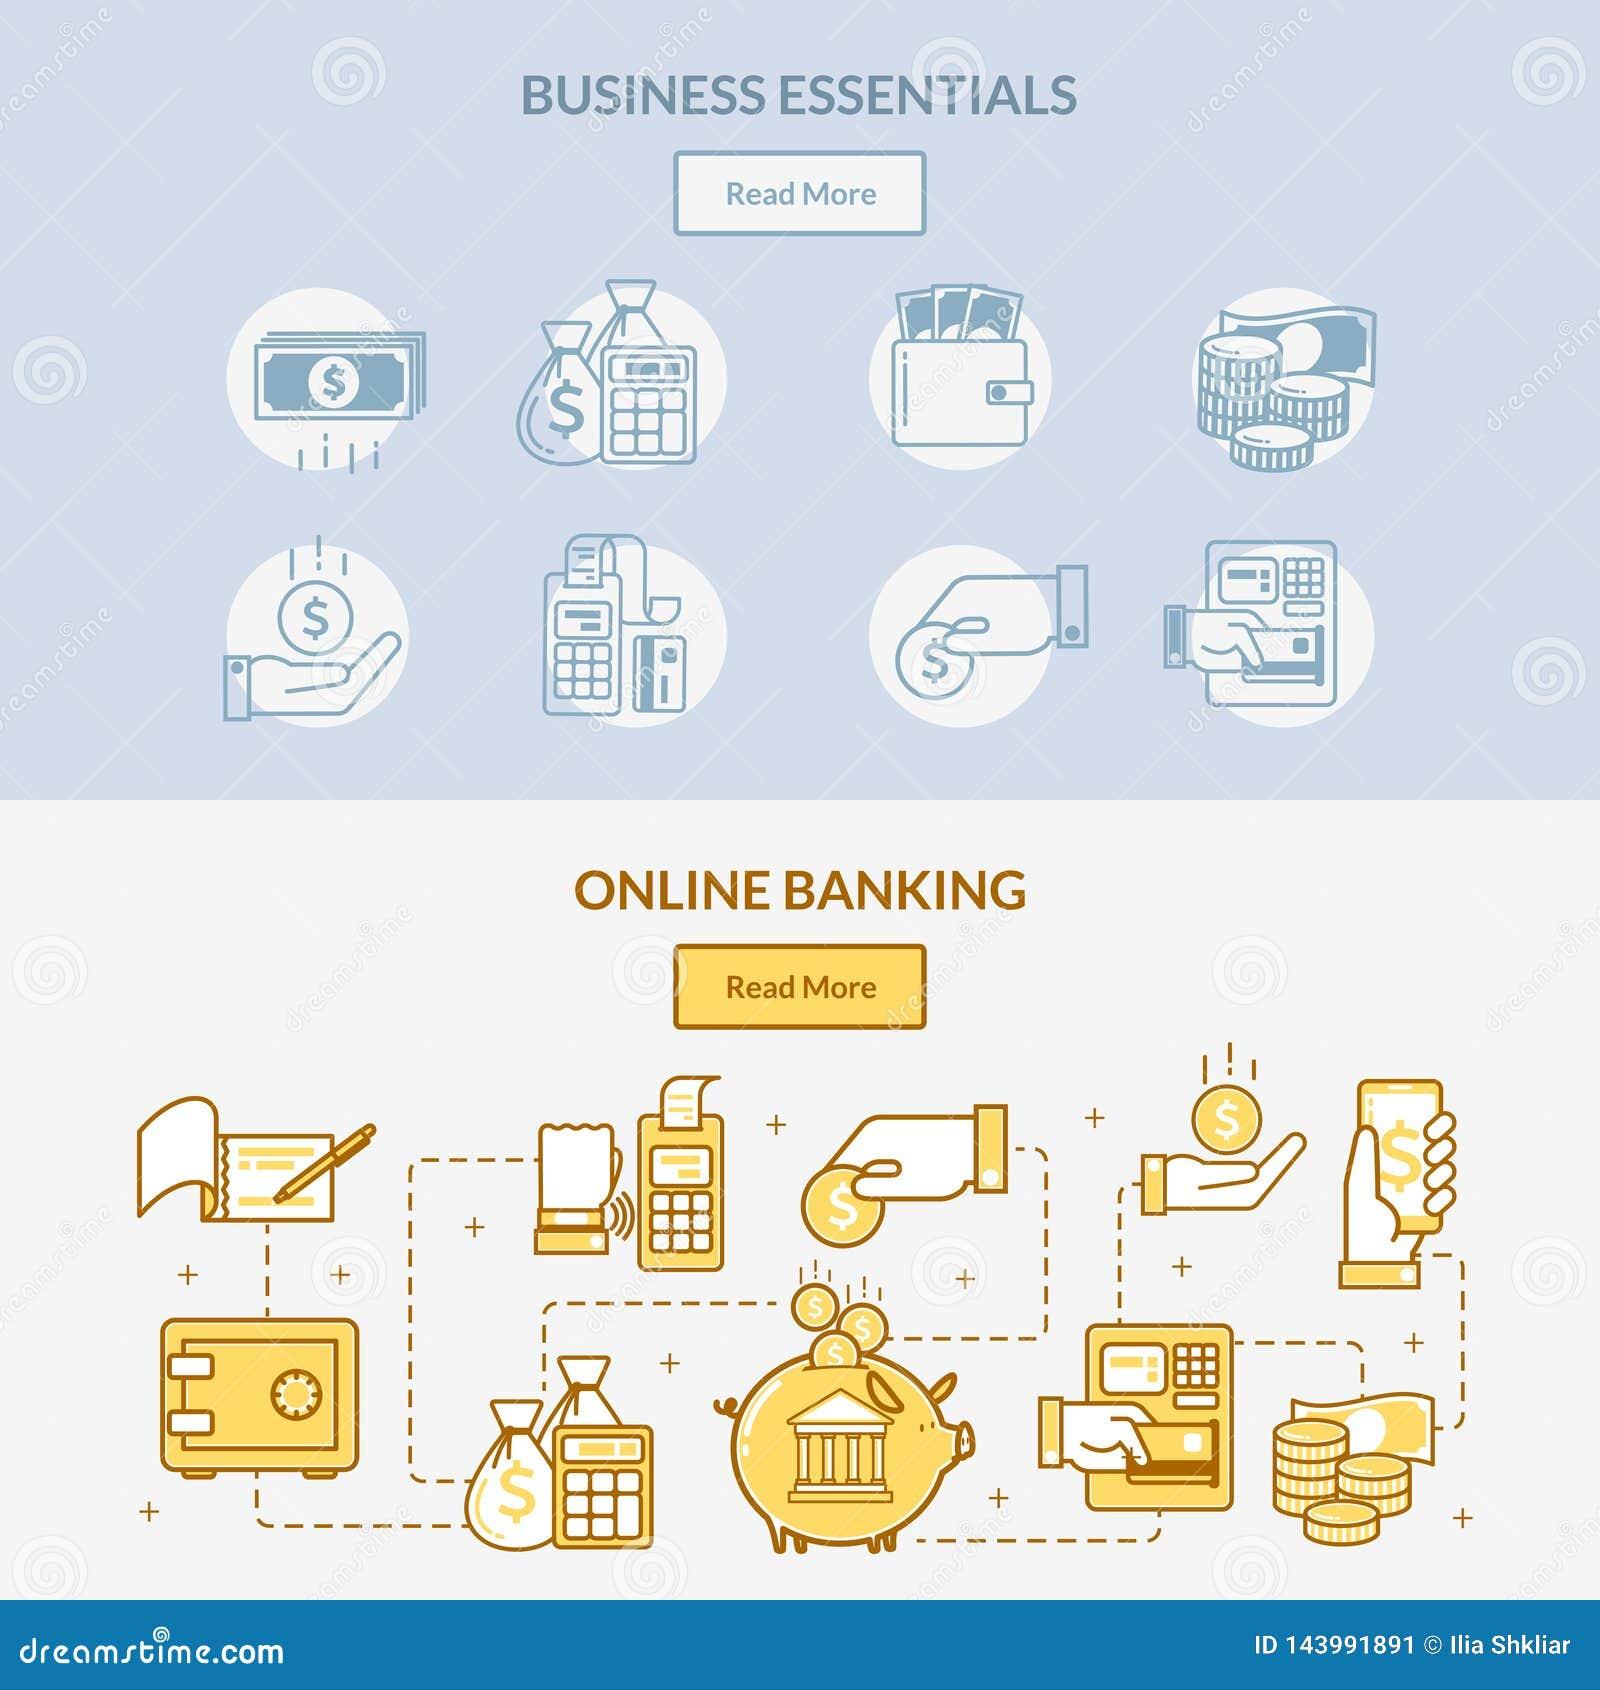 Знамена значков банка финансов горизонтальные сеть регуляции, соединений и действий наличных денег с деньгами